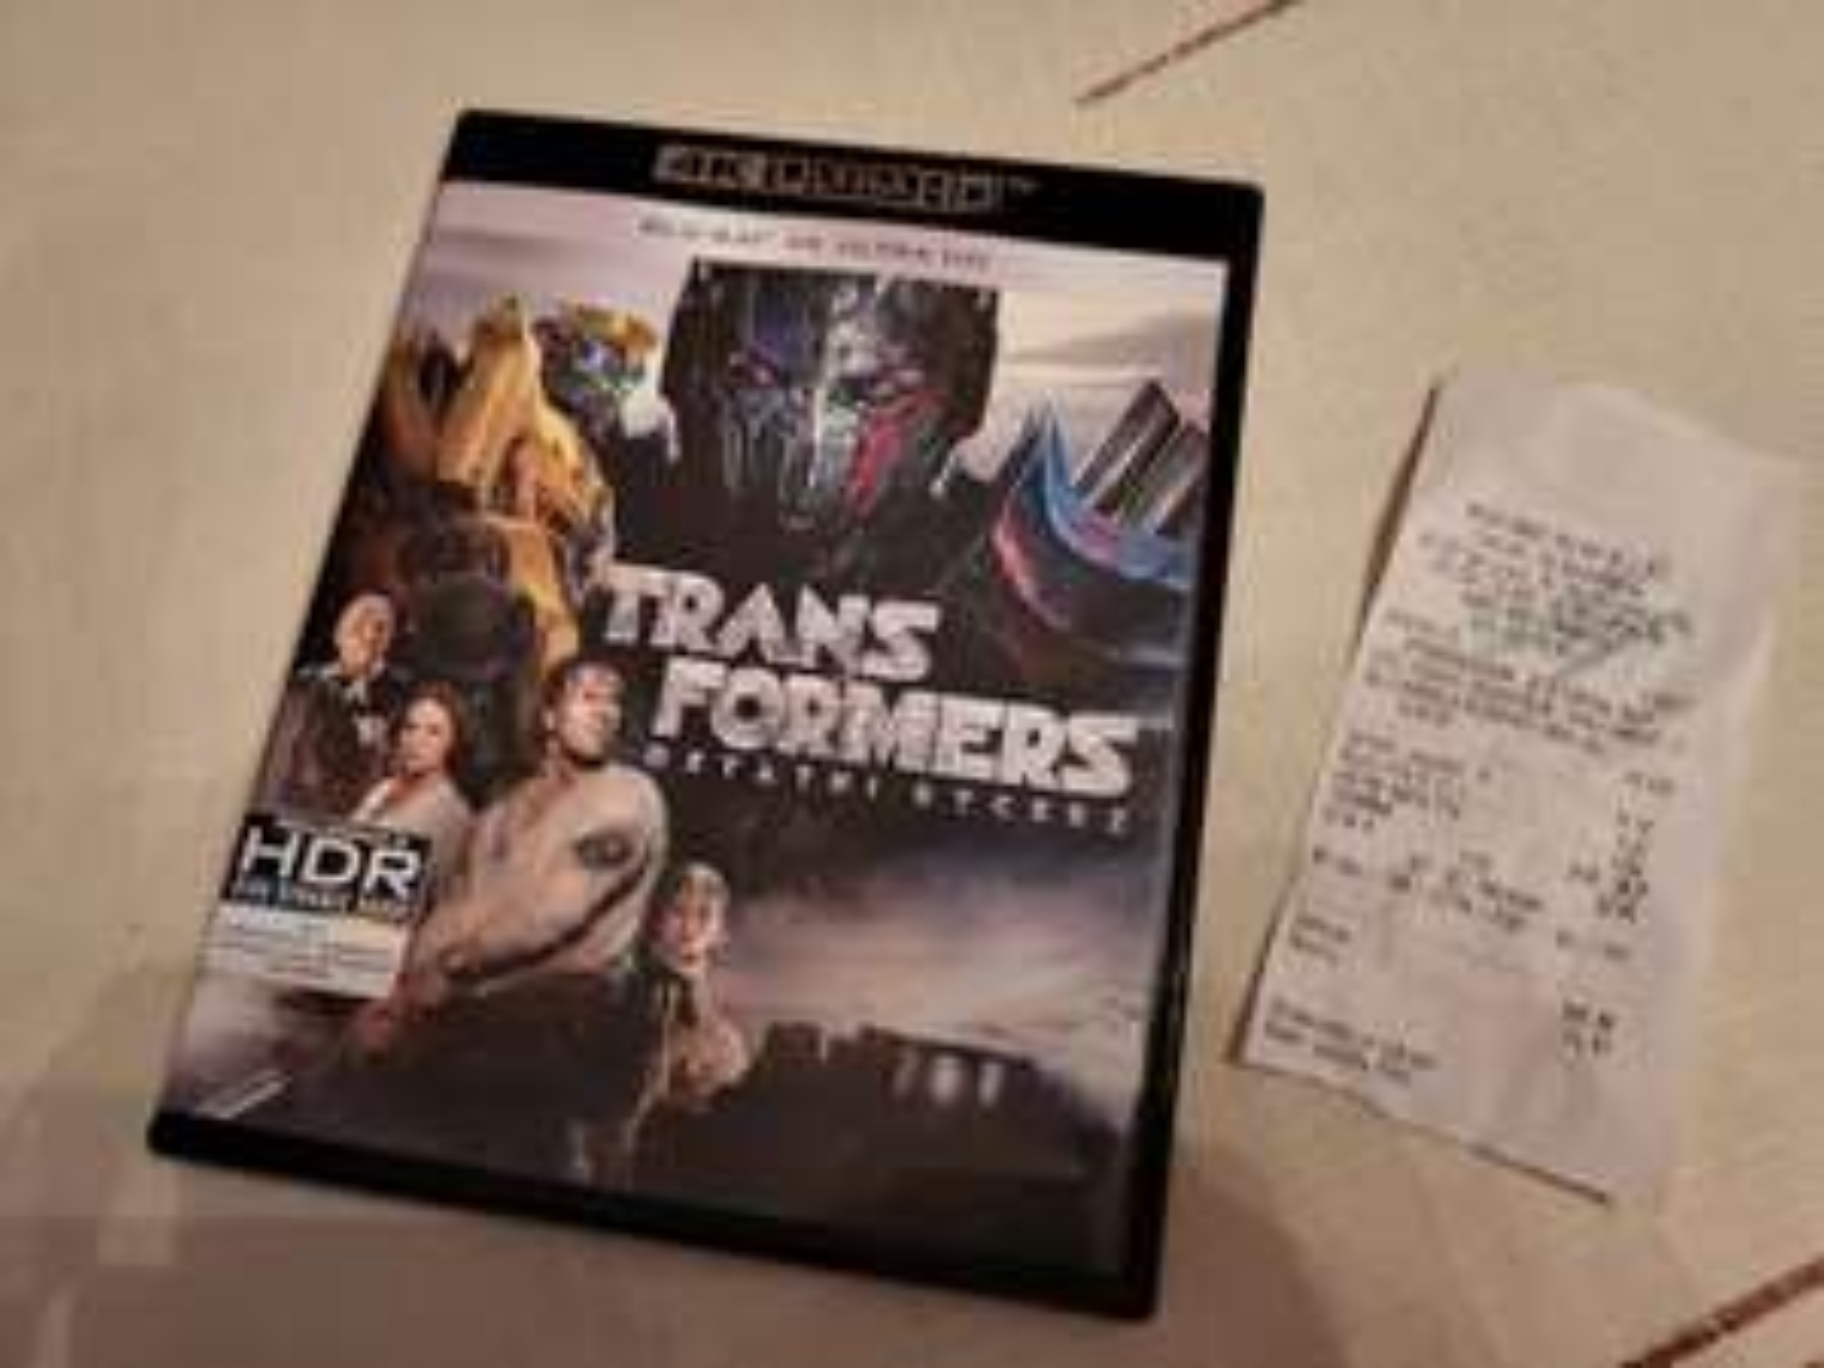 Transformers: Ostani Rycerz 4K Bluray HDR MM Czeladź M1